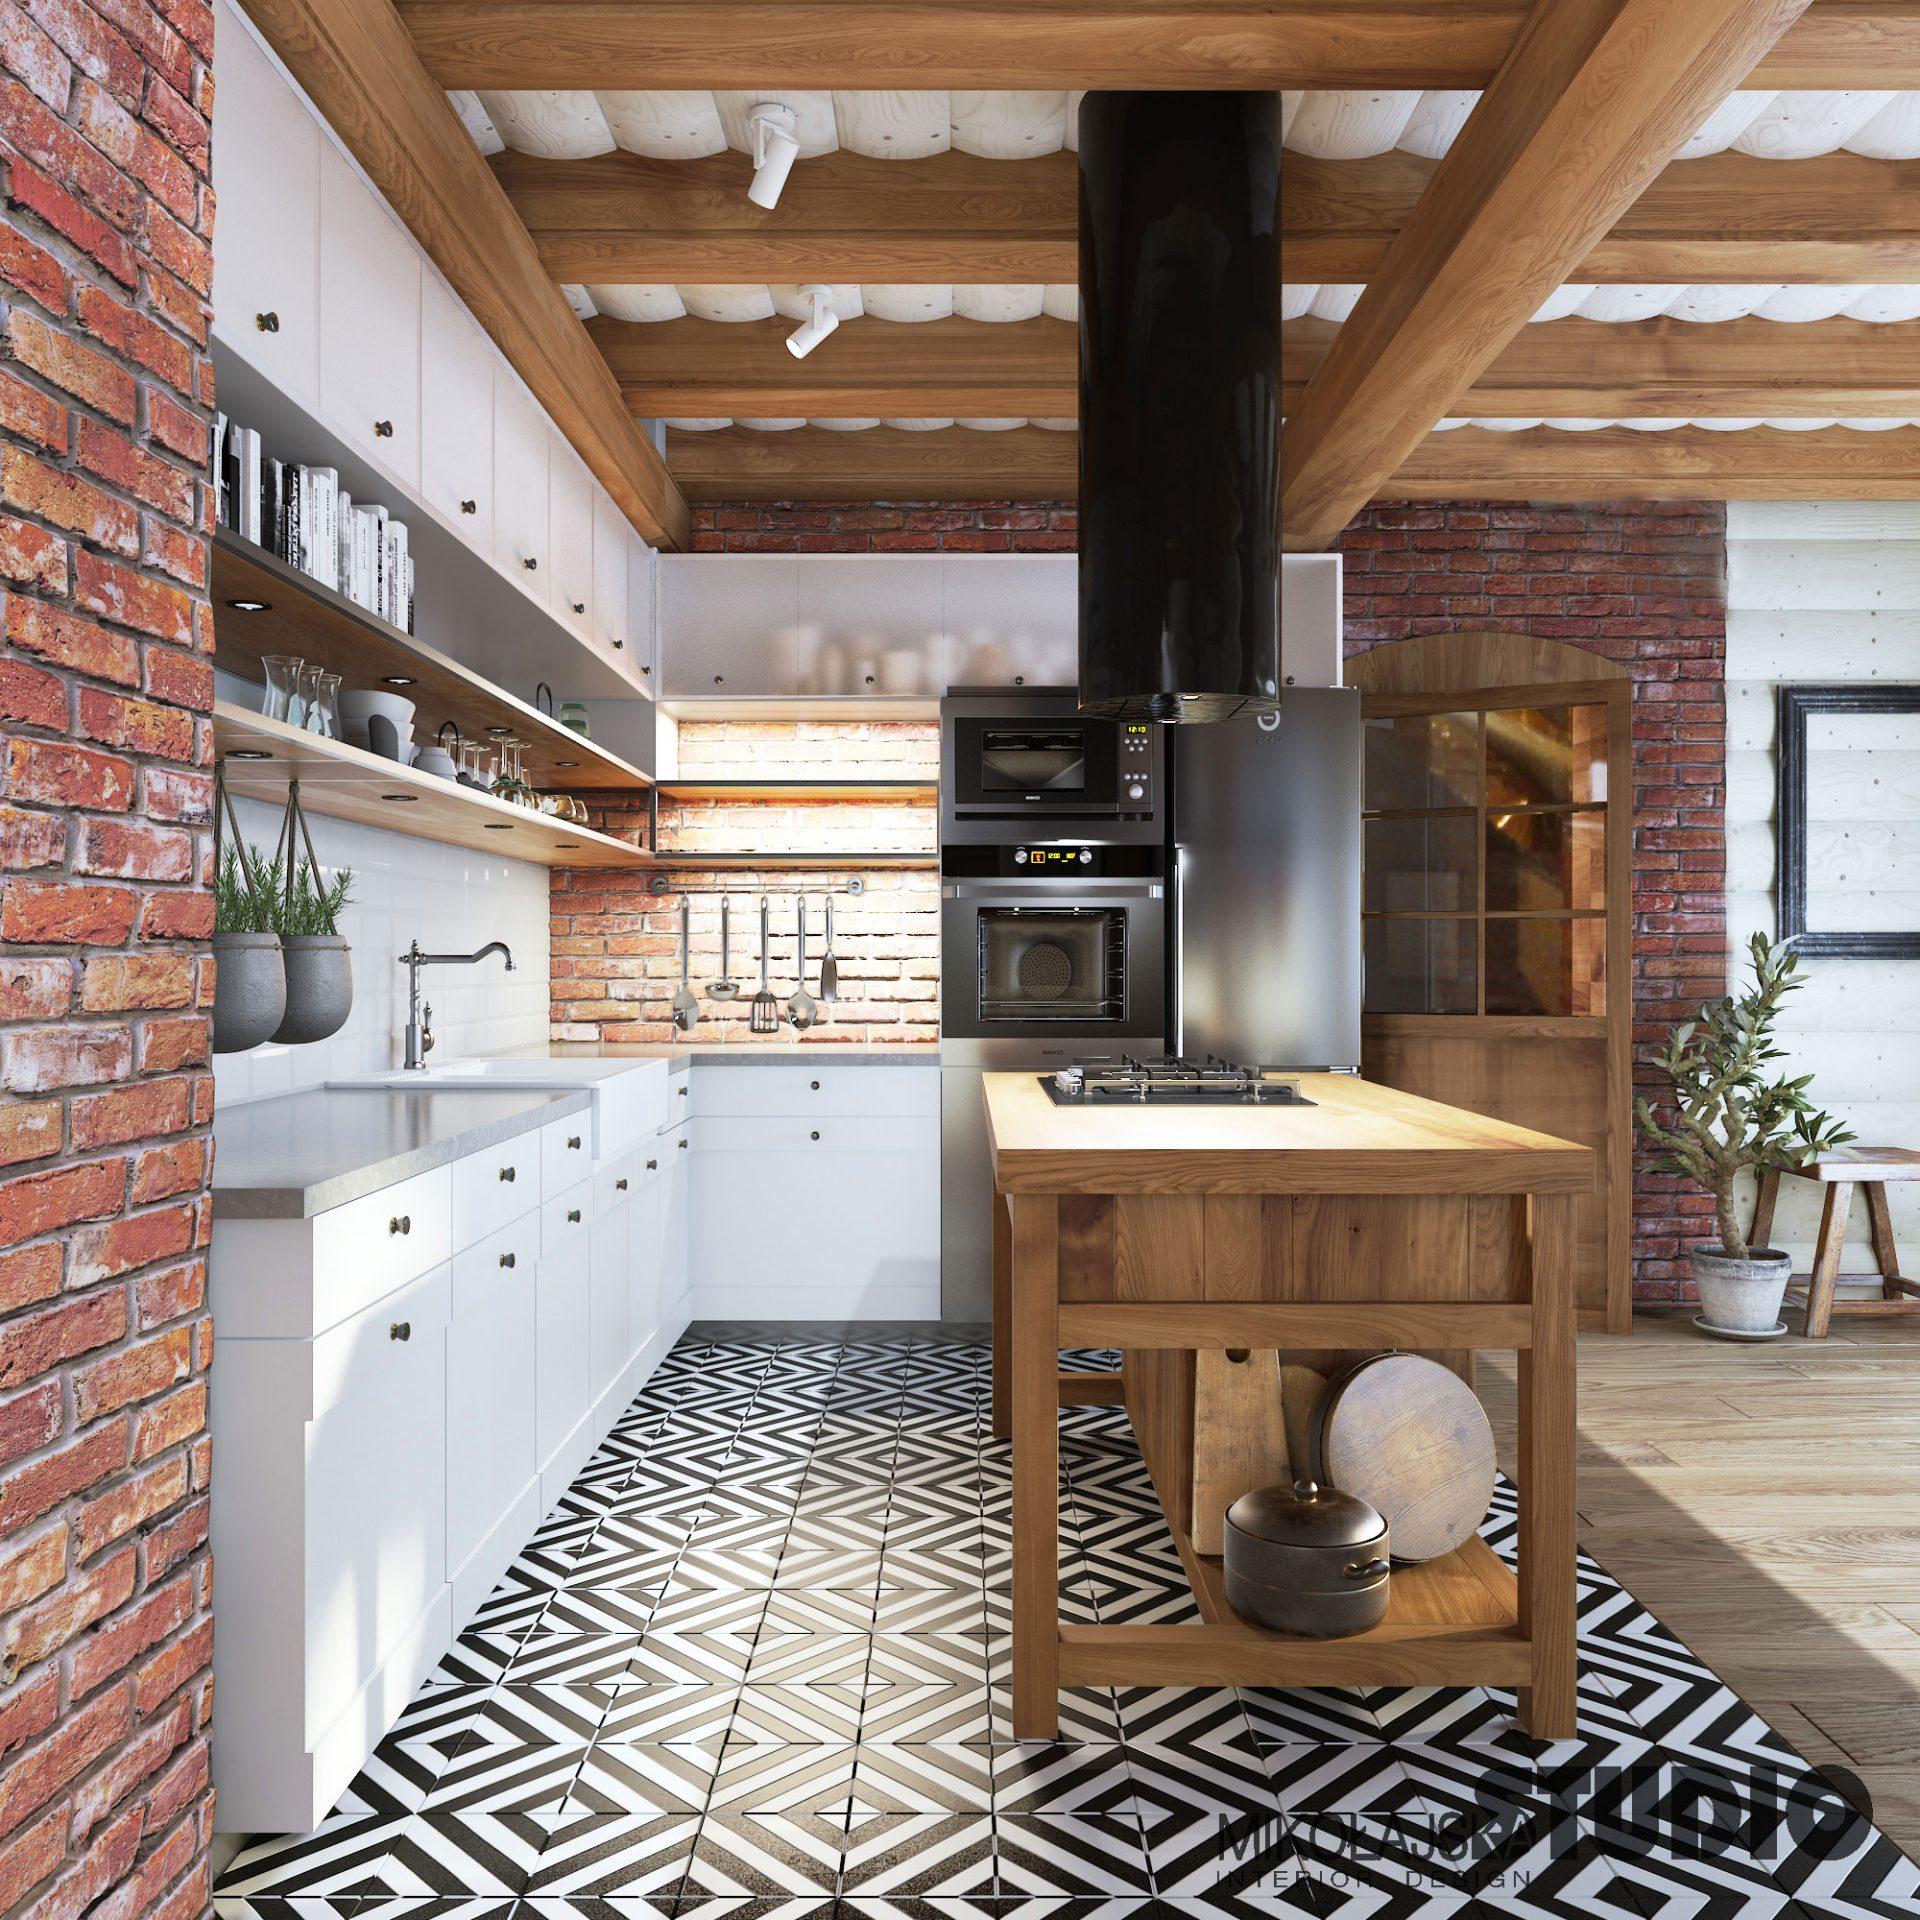 Jak Urządzić Kuchnię W Stylu Rustykalnym M Mieszkanie